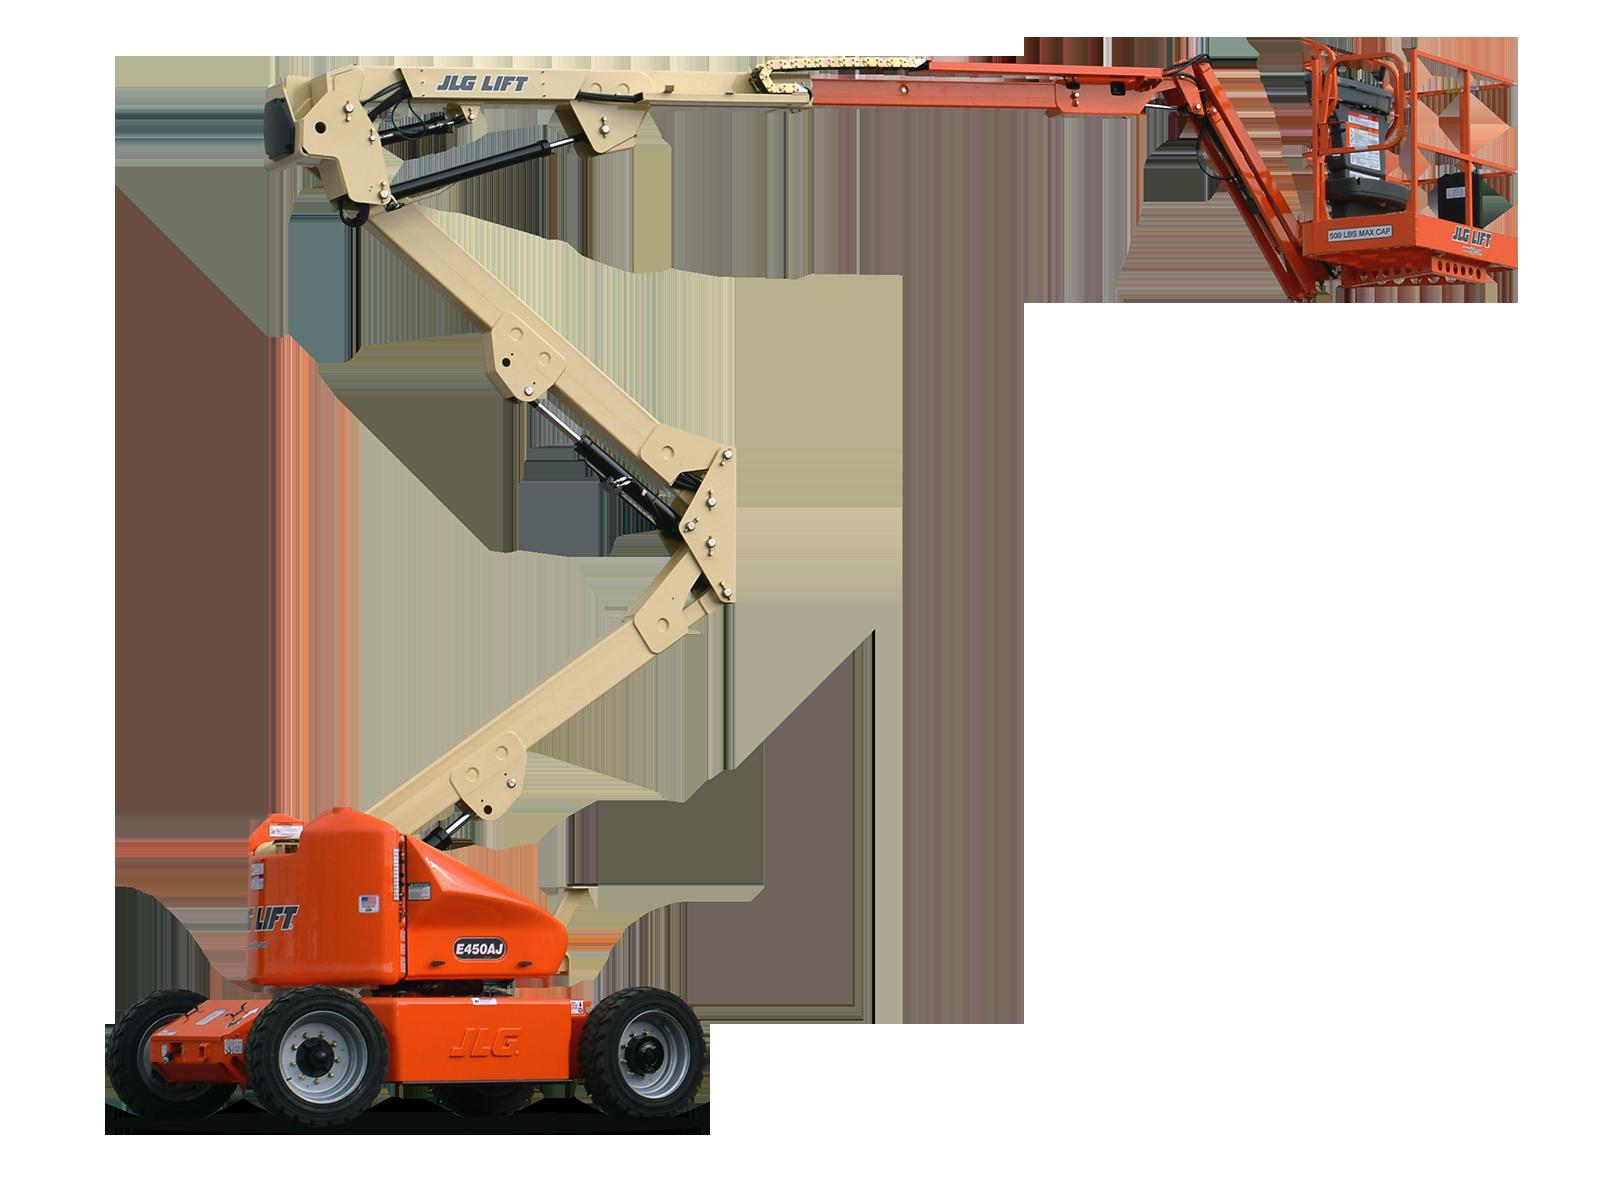 JLG Articulating Boom Lifts E450AJ